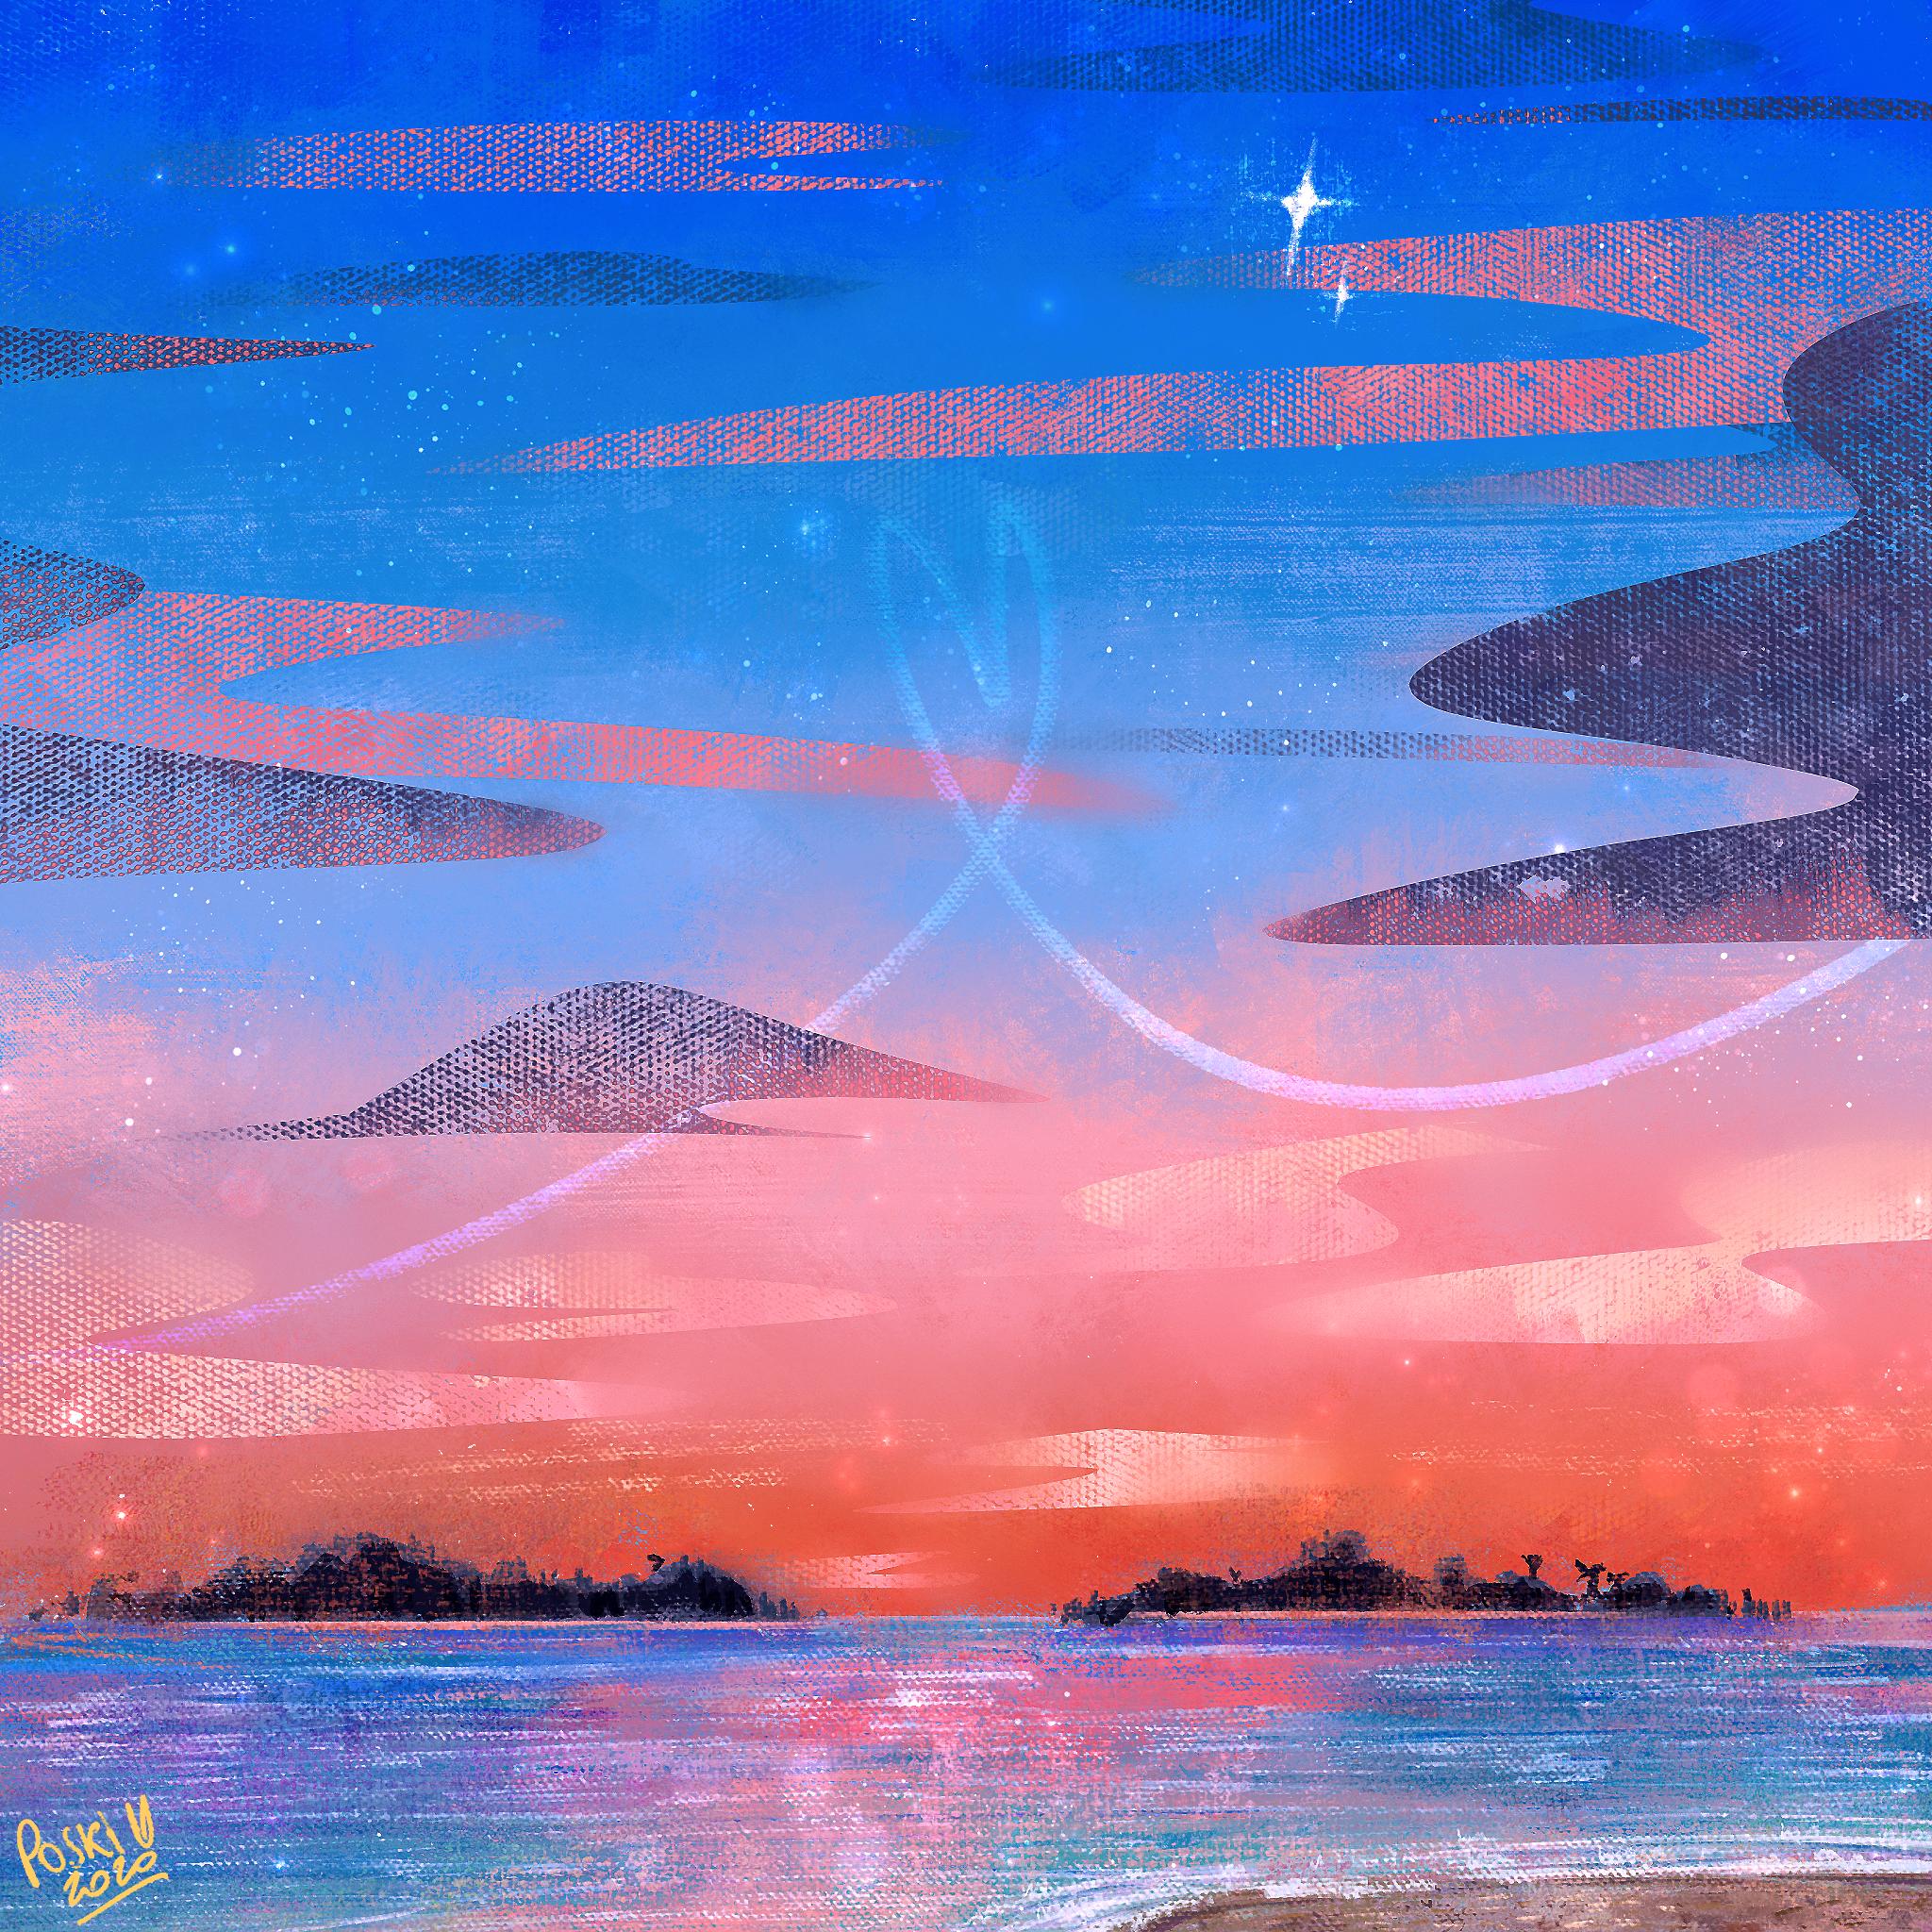 Sunset on the sea 🌅